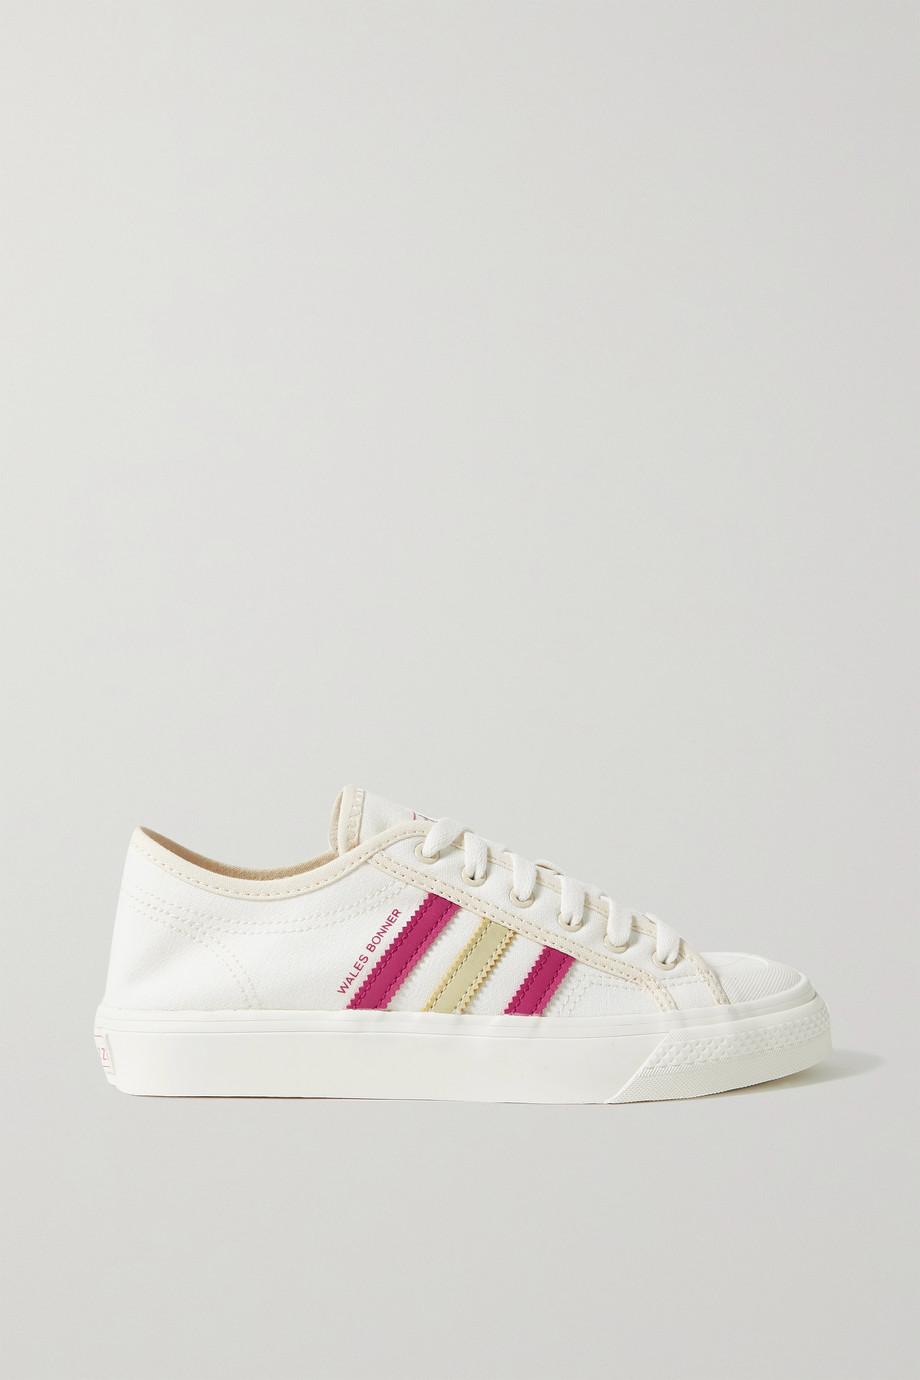 adidas Originals + Wales Bonner Nizza Sneakers aus Canvas mit Lederbesätzen